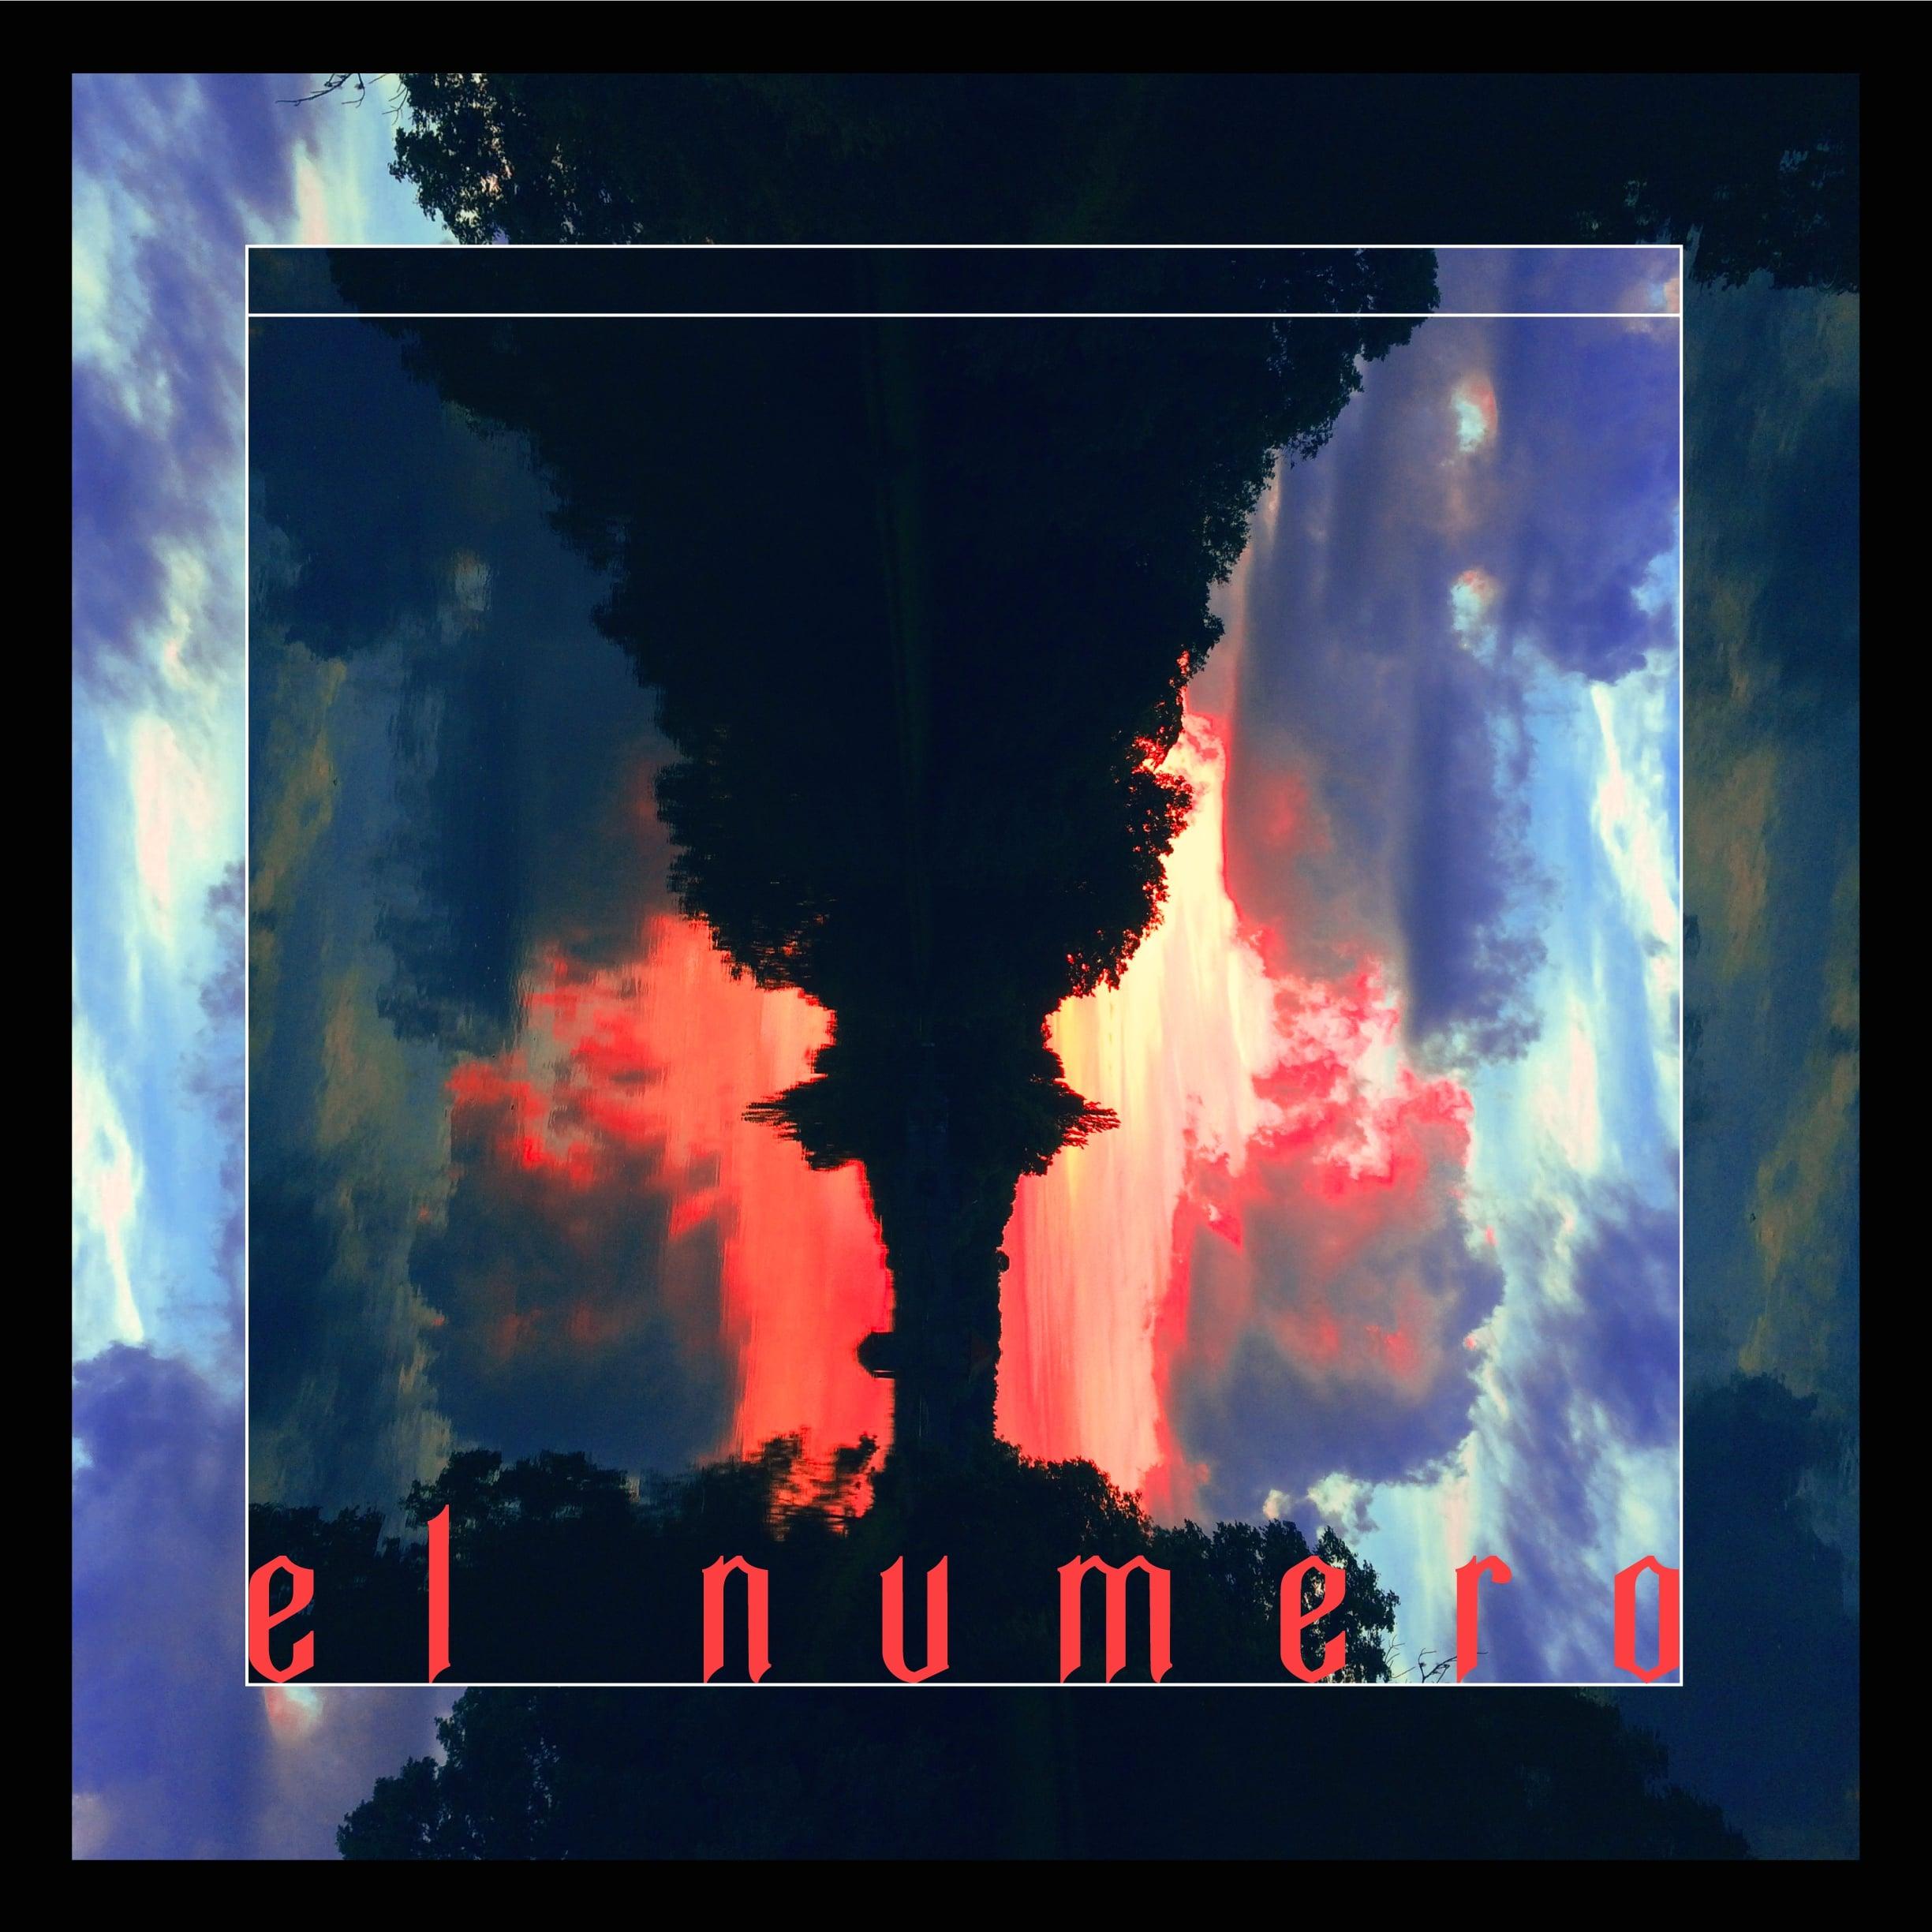 el_numero_artwork_pyno